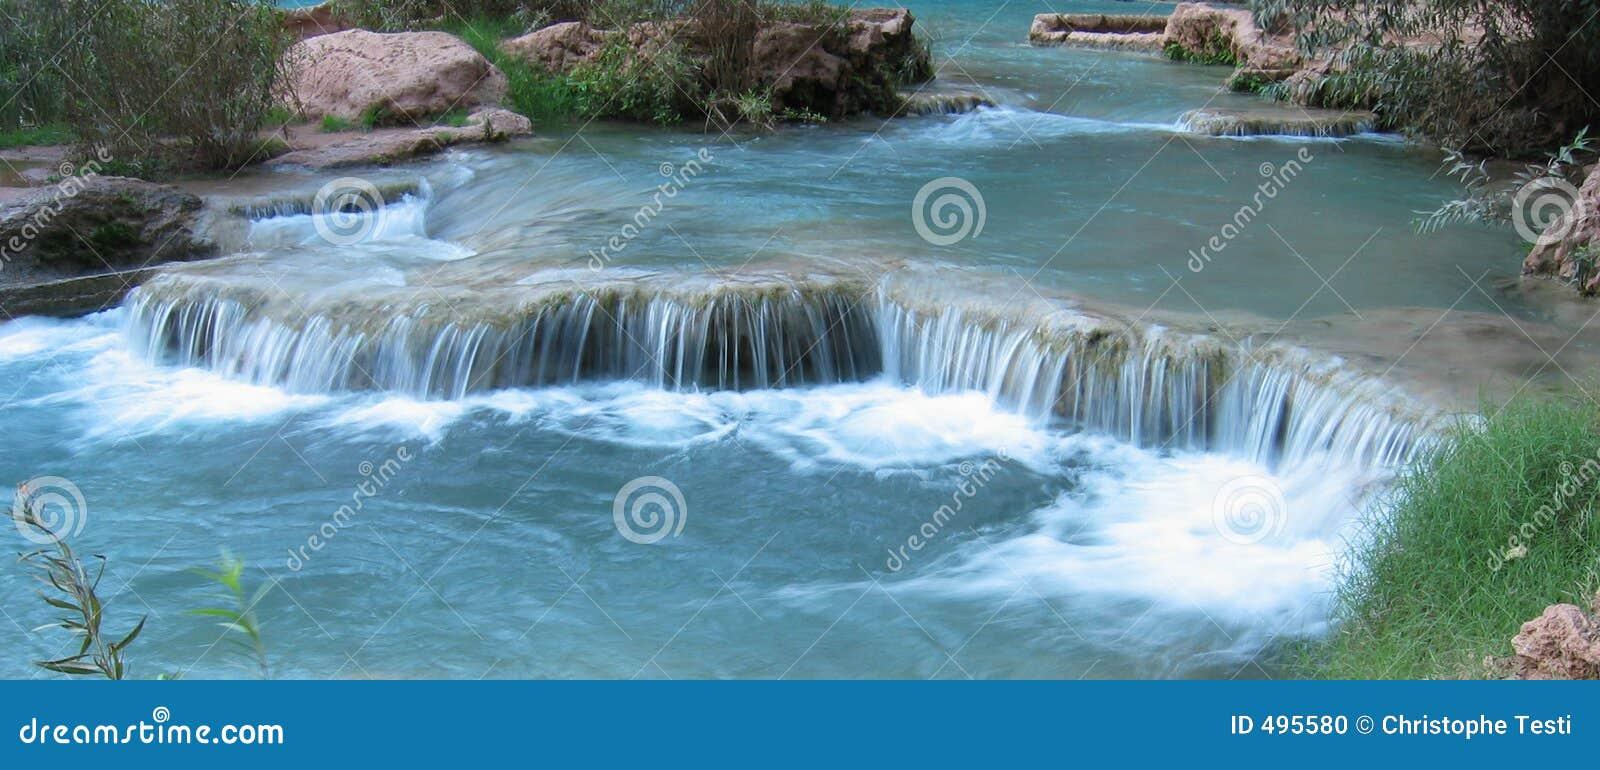 Havasu falls arizona stock photo image 495580 for Natural pools arizona